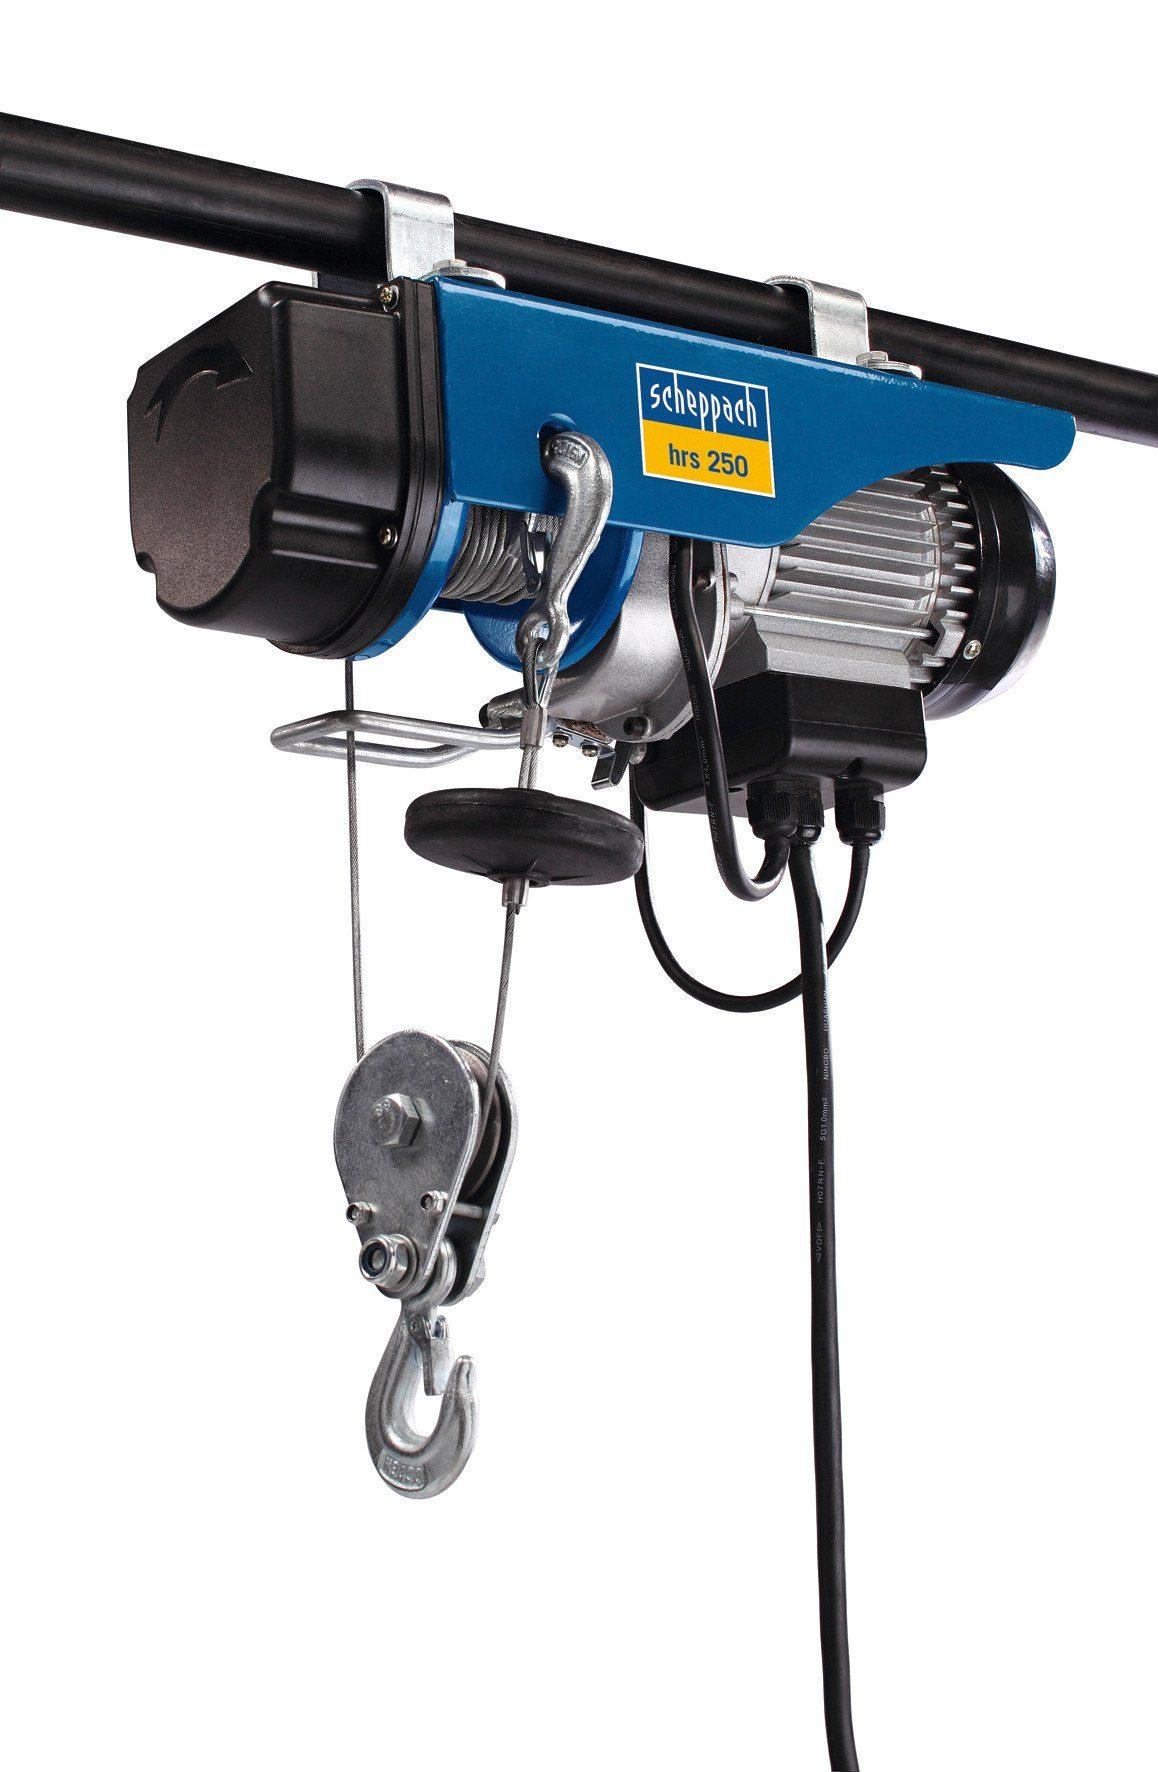 Scheppach Elektrischer Seilzug »hrs 250«